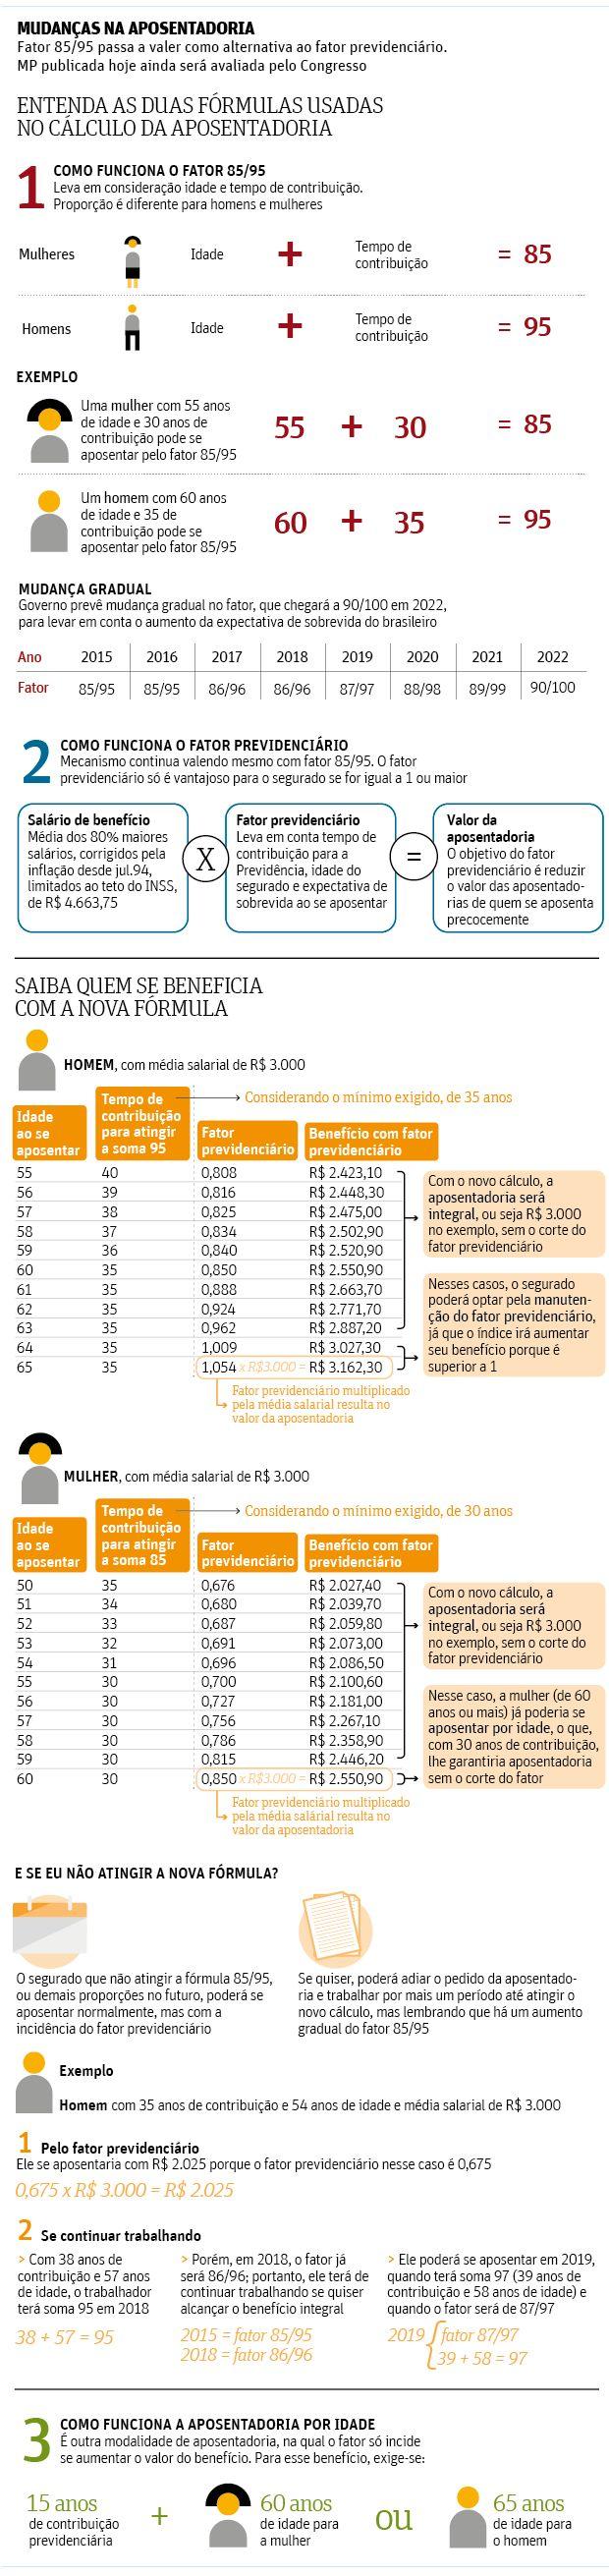 Novo cálculo para aposentadoria passa a valer e muda gradualmente até 2022 - 18/06/2015 - Mercado - Folha de S.Paulo